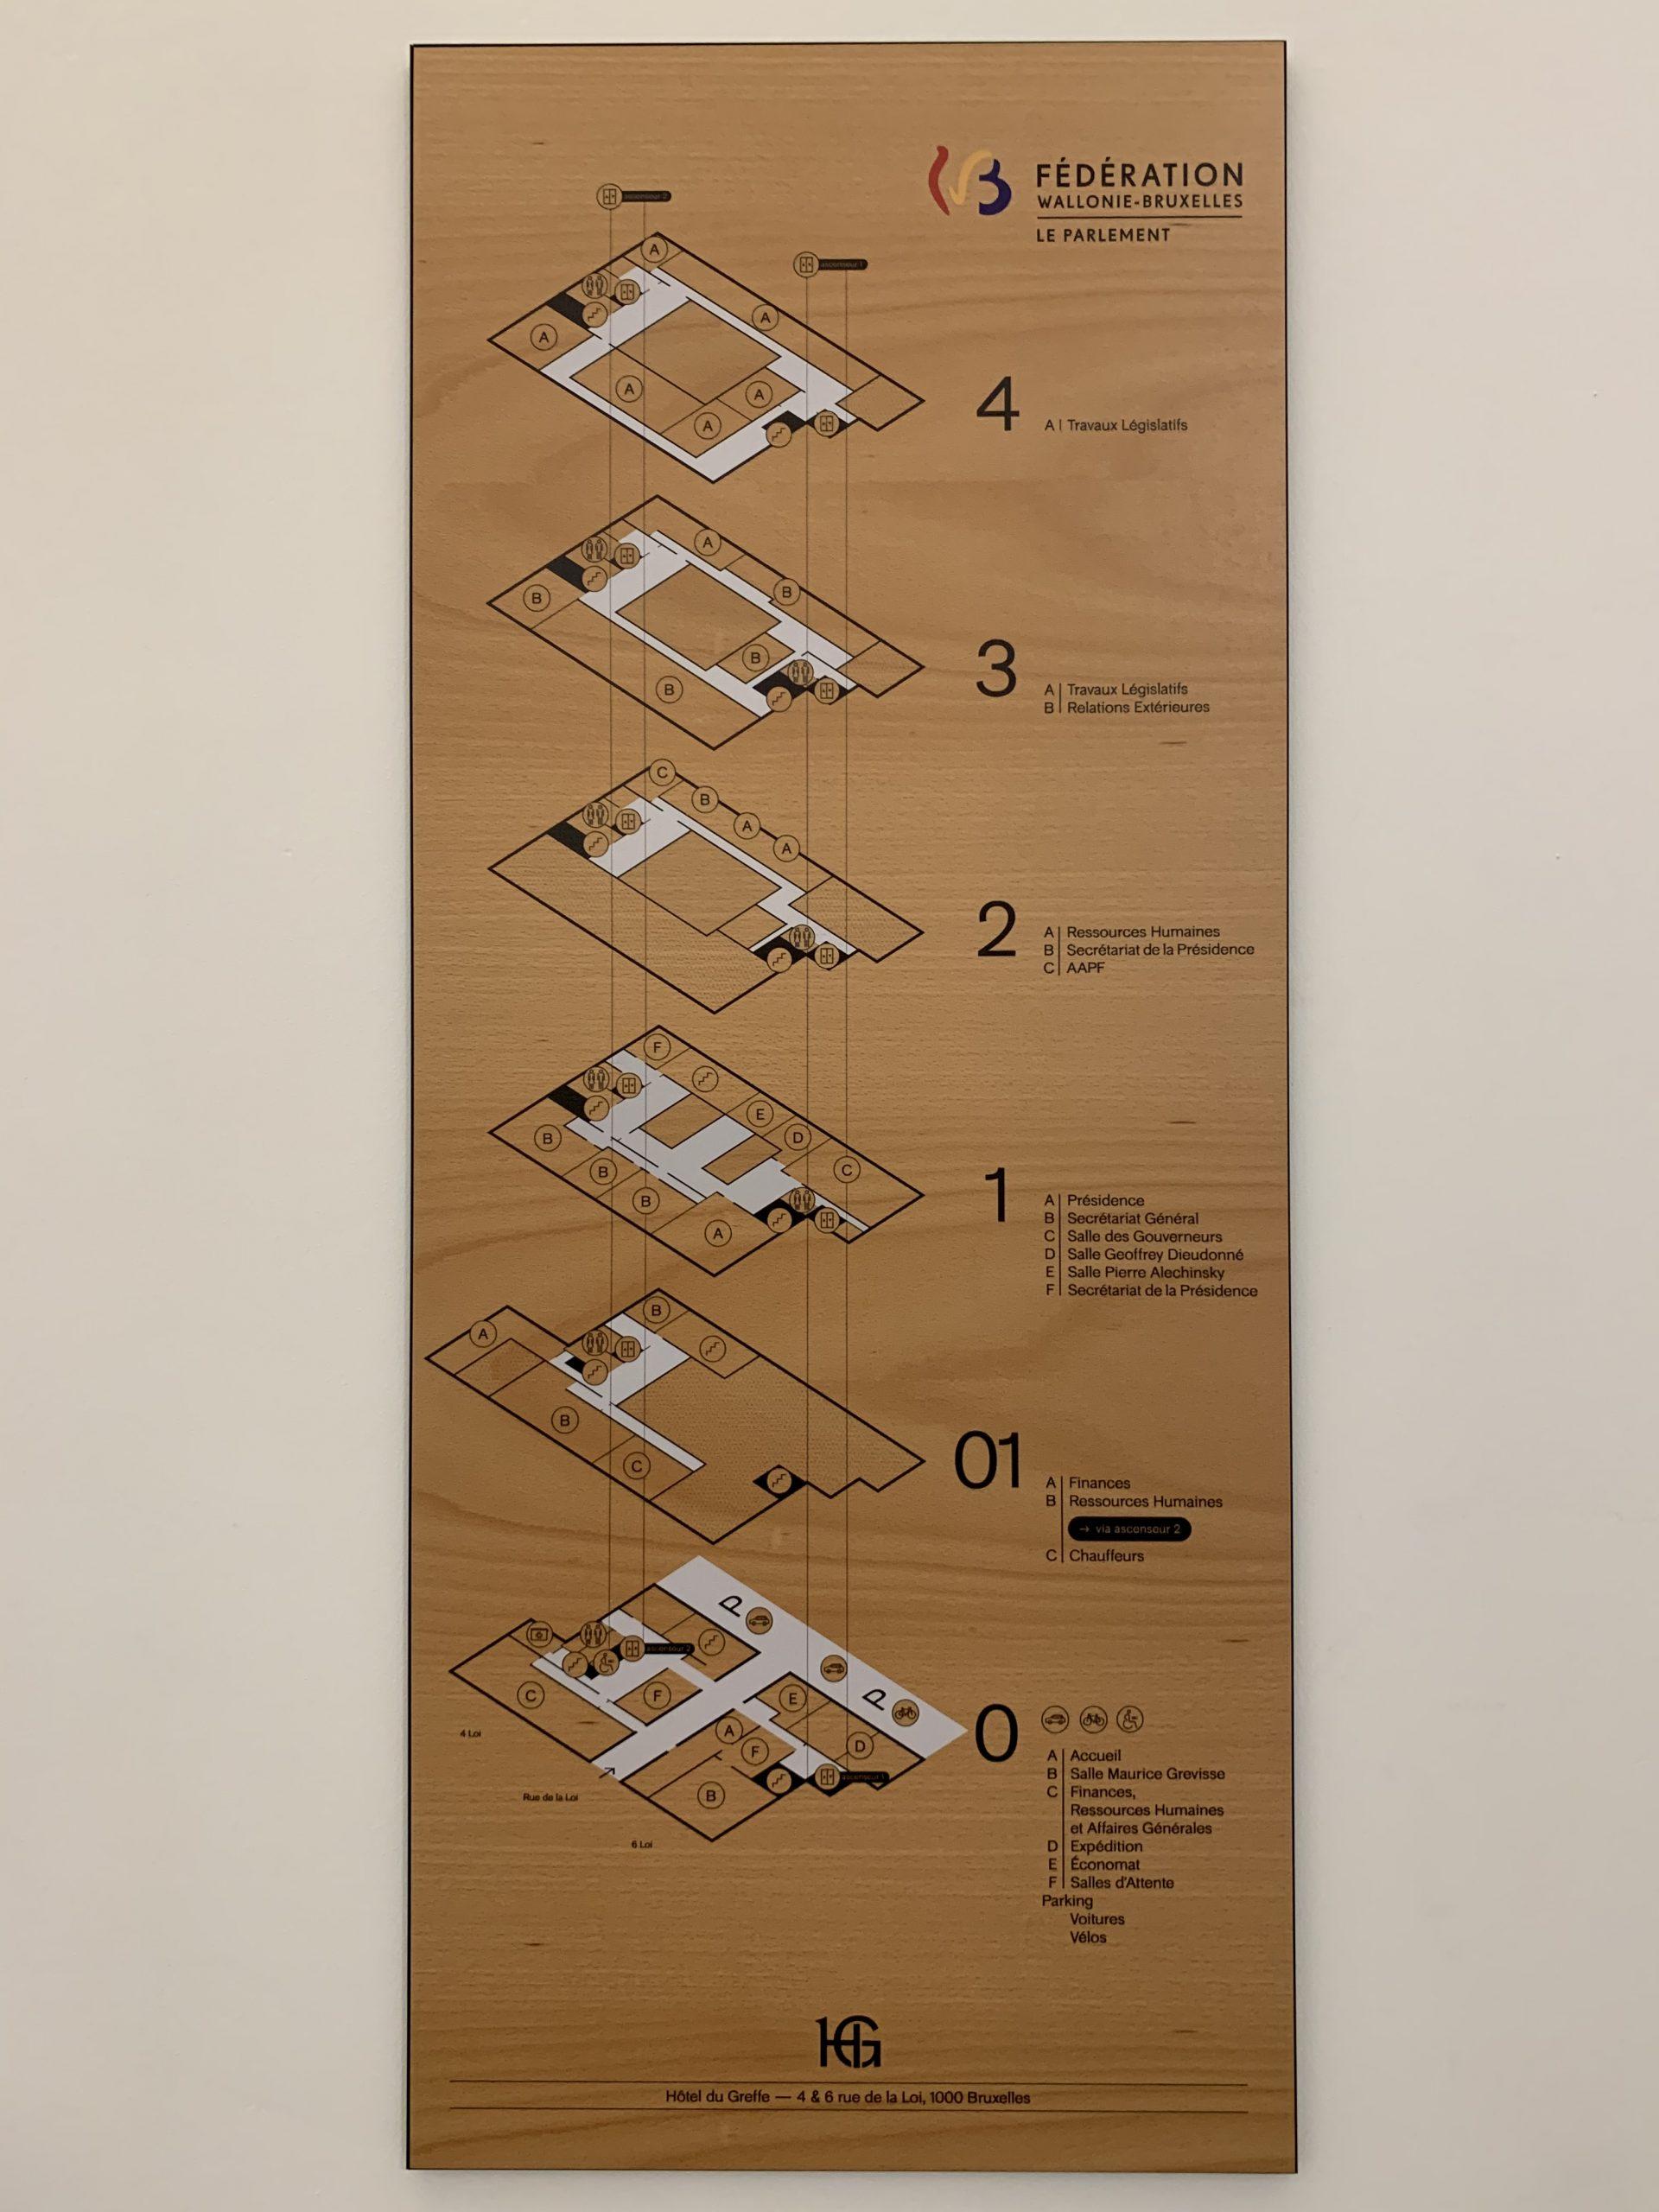 Wayfinding – indoor signalisatie met wegwijzers om een overzicht te creëren van de verdiepen in het gebouw by actual sign member of the remotec group